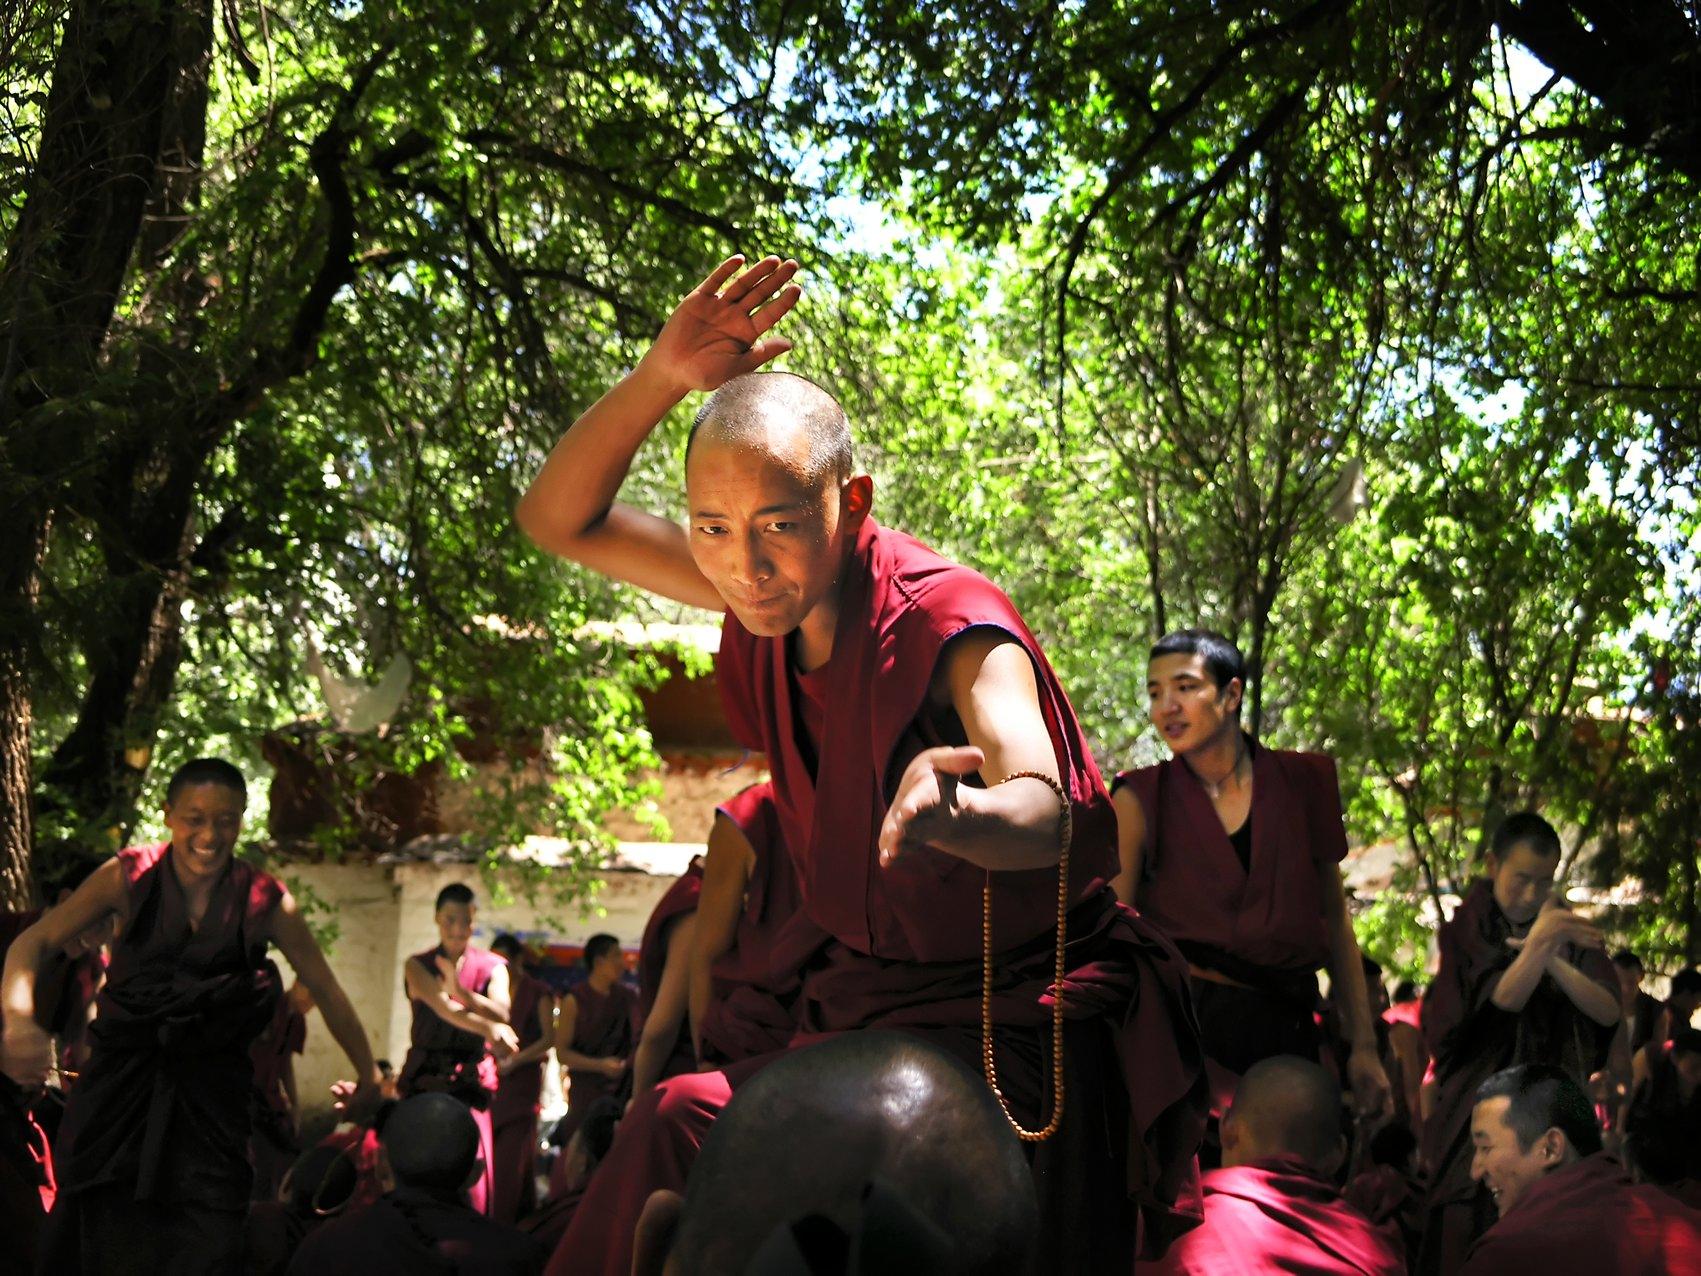 Tibet, Lhasa, 20060703 Debatterende monniken in het Sera klooster bij Lhasa